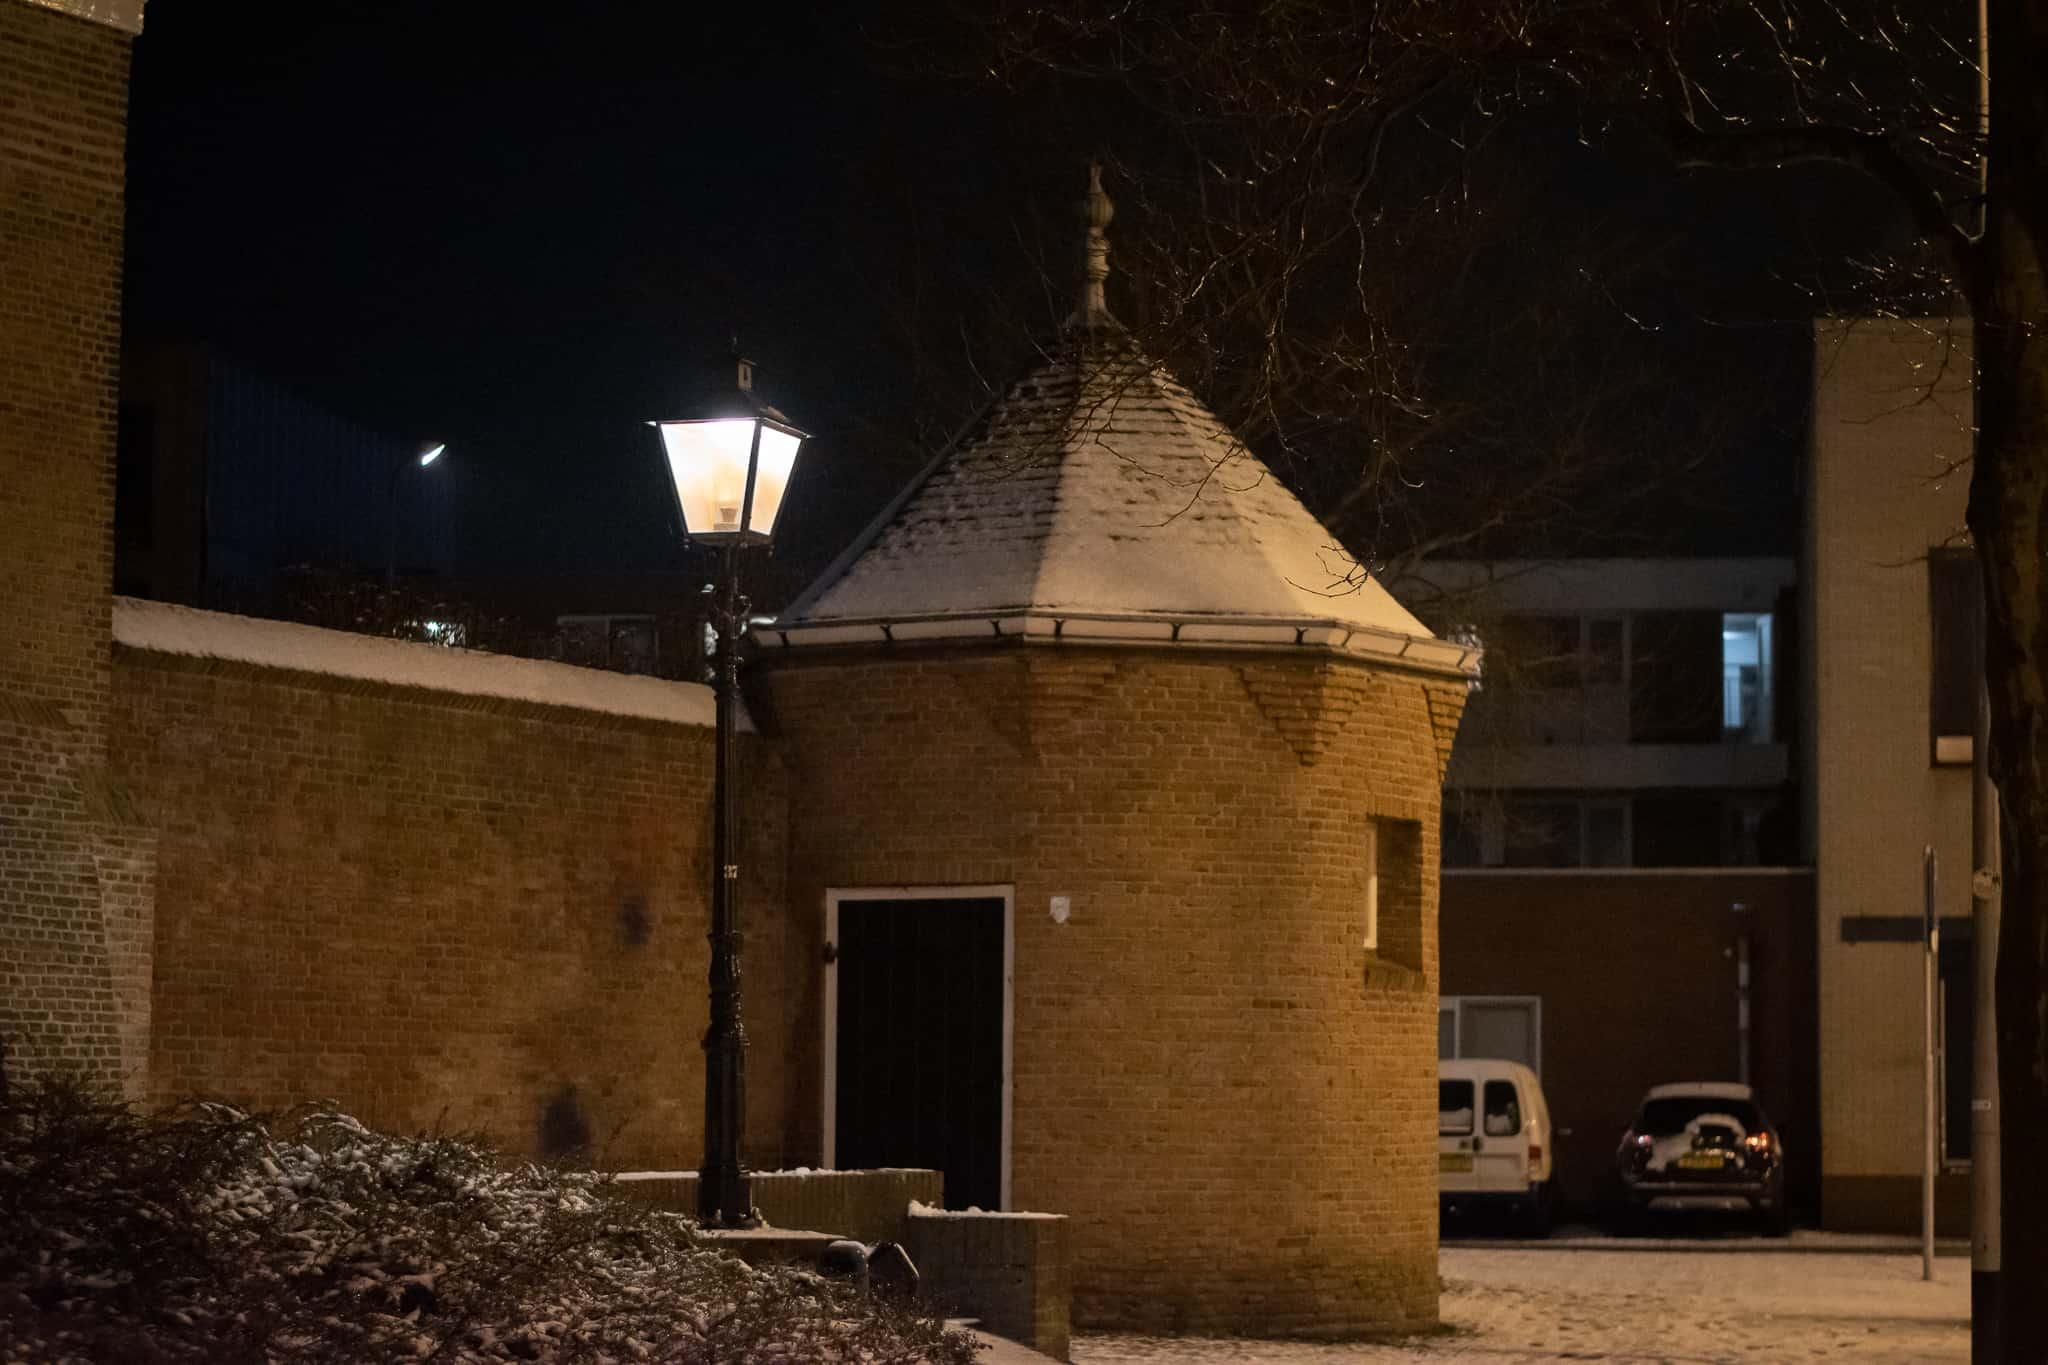 Klassieke verlichting in de sneeuw